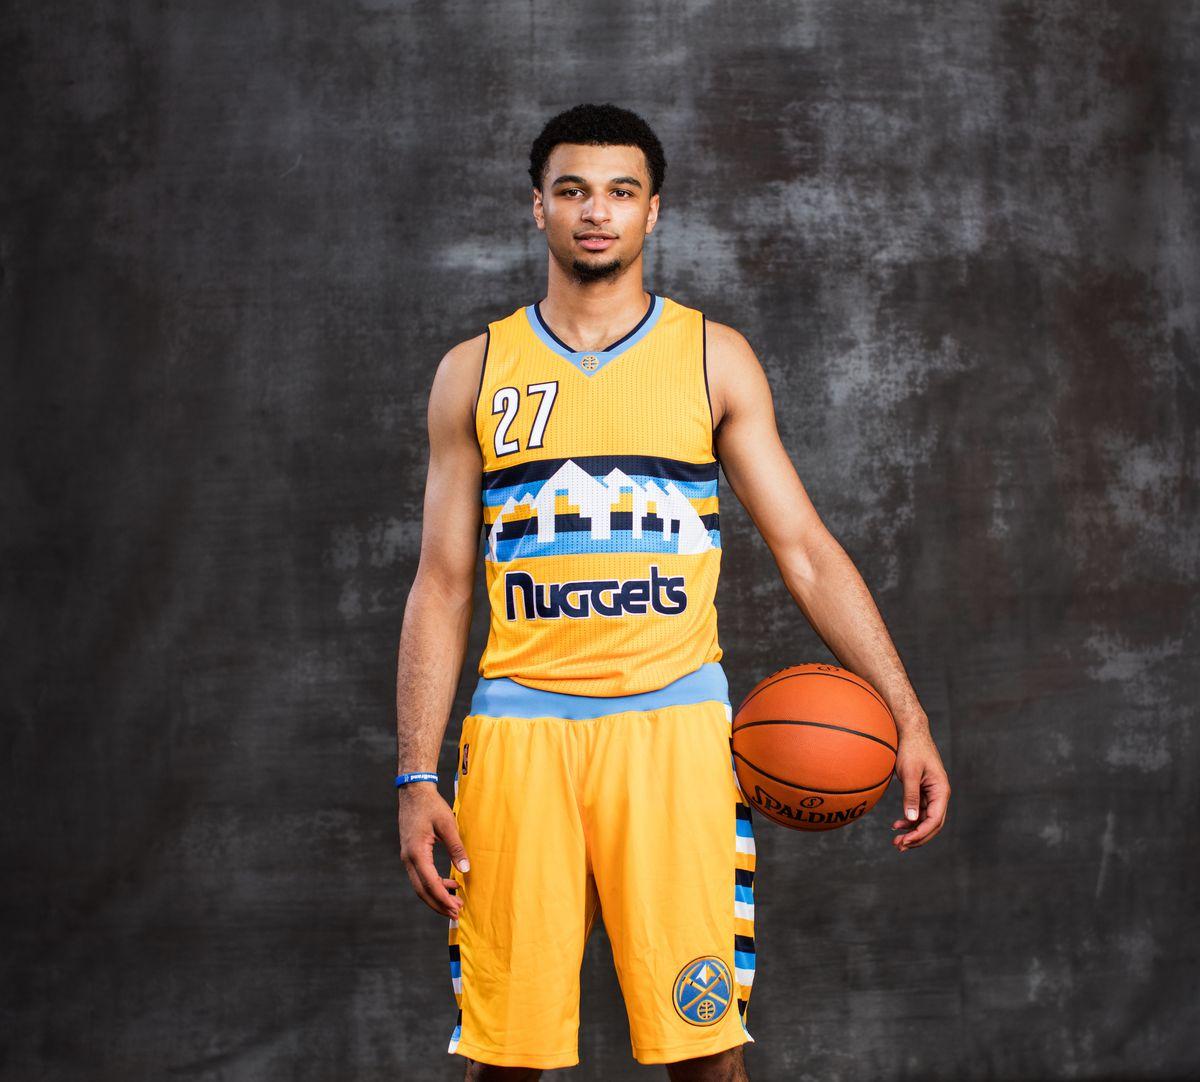 Denver Nuggets Players: Denver Nuggets Roster 2016